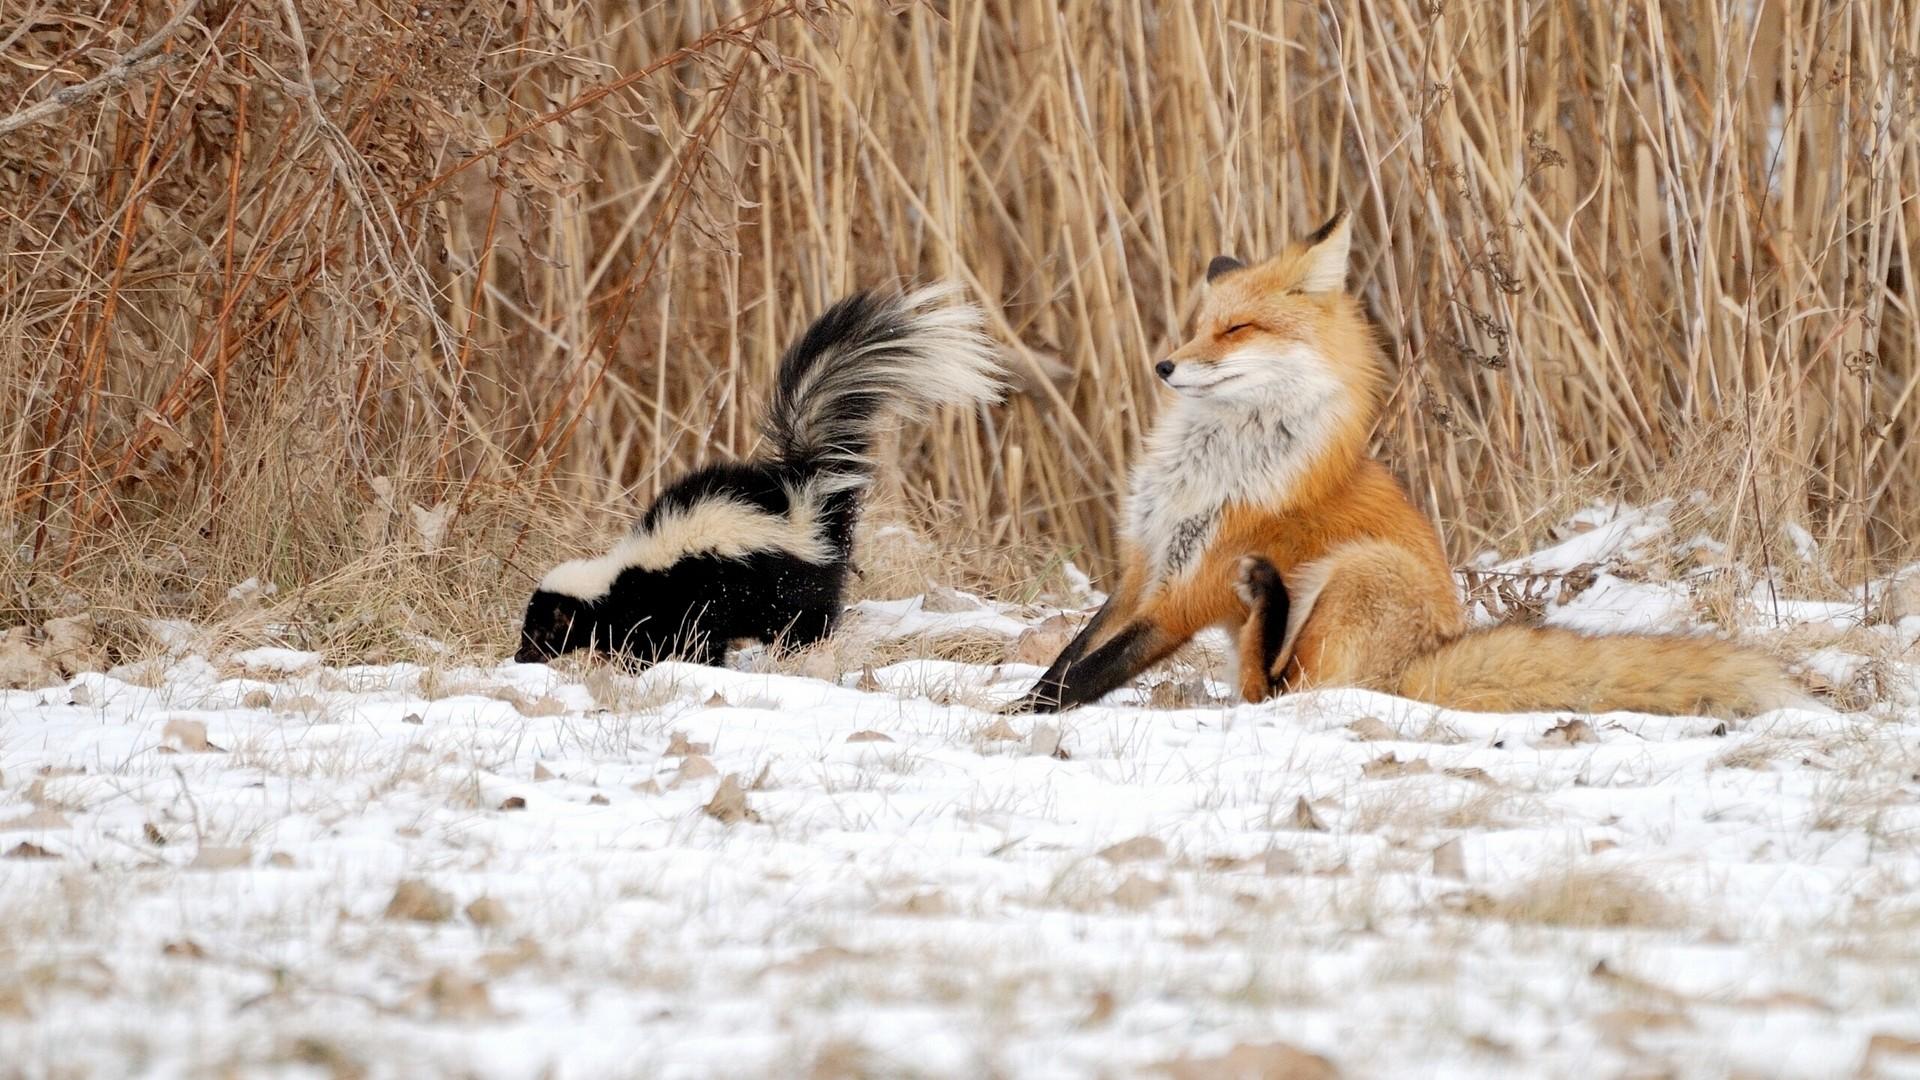 Funny Winter Animal Wallpaper